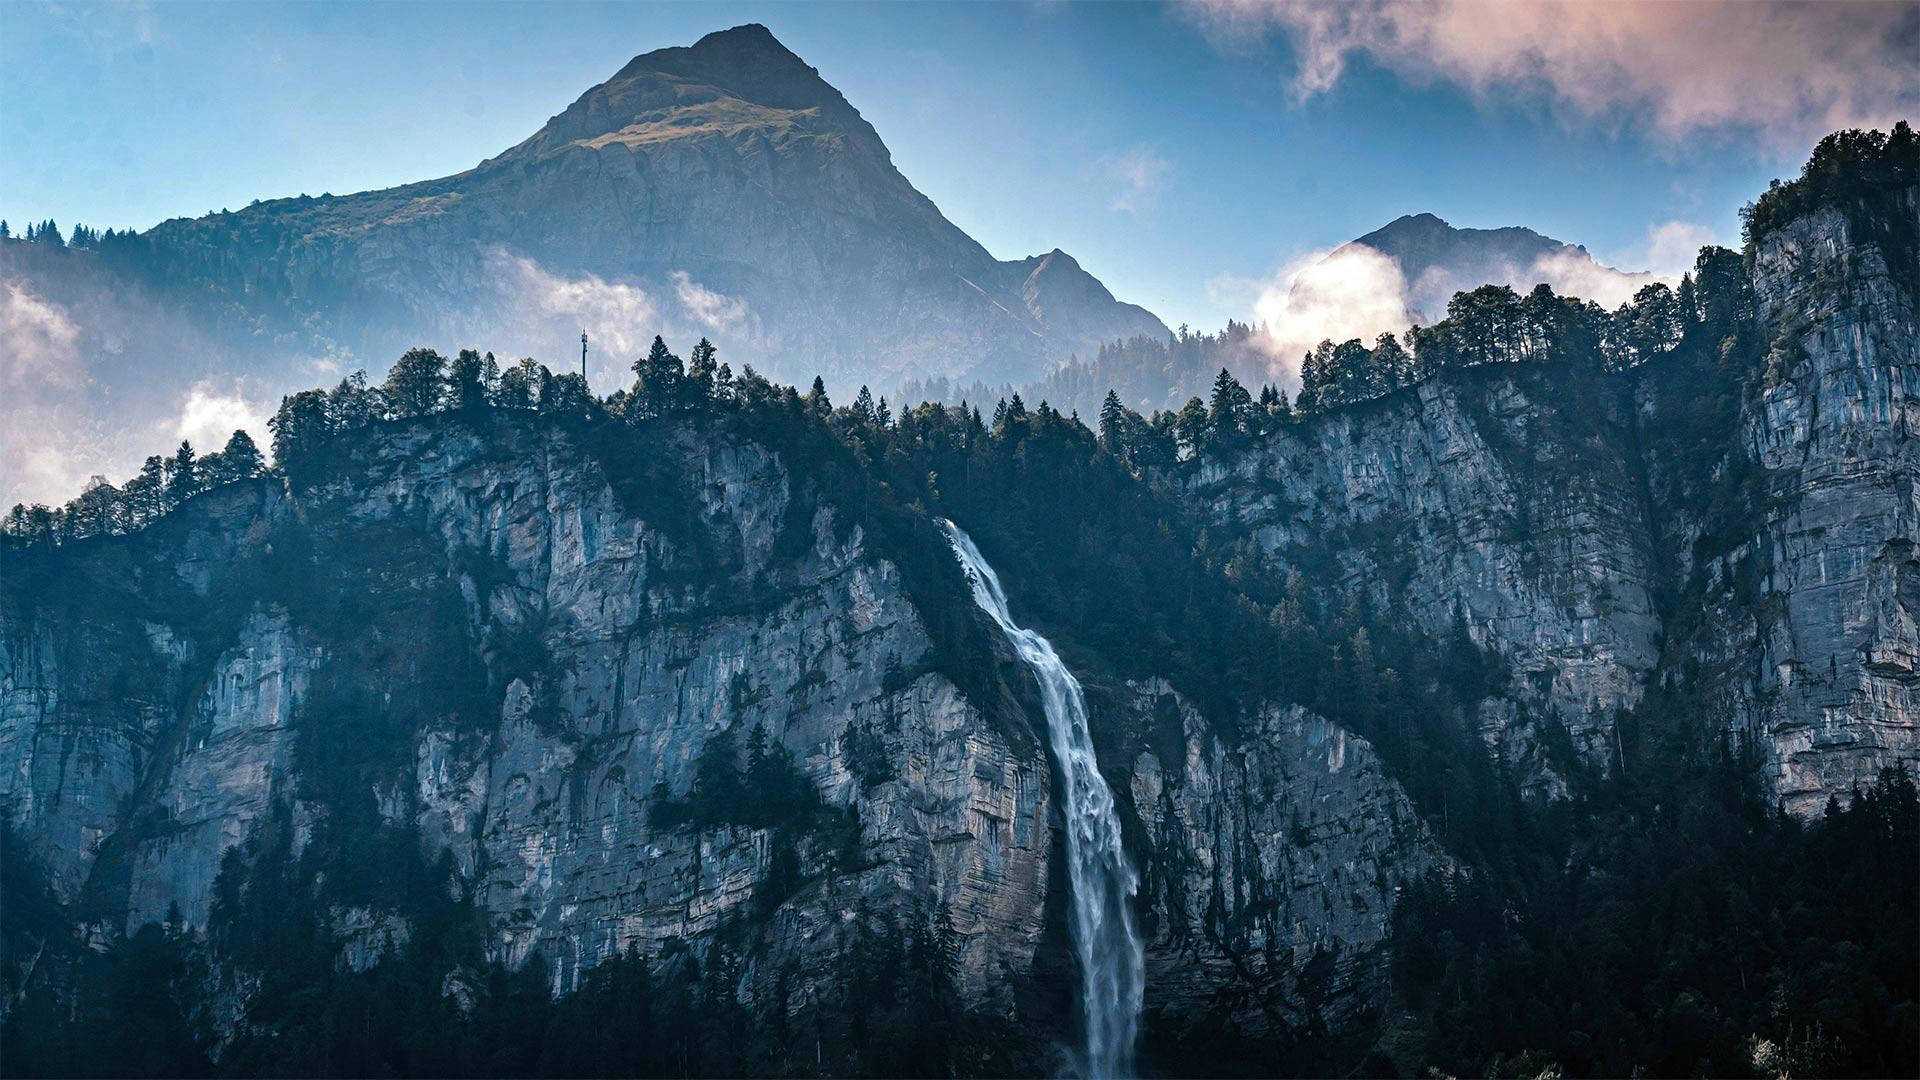 「ライヘンバッハの滝」スイス, ベルナー・オーバーラント (© Chris Milne/Alamy)